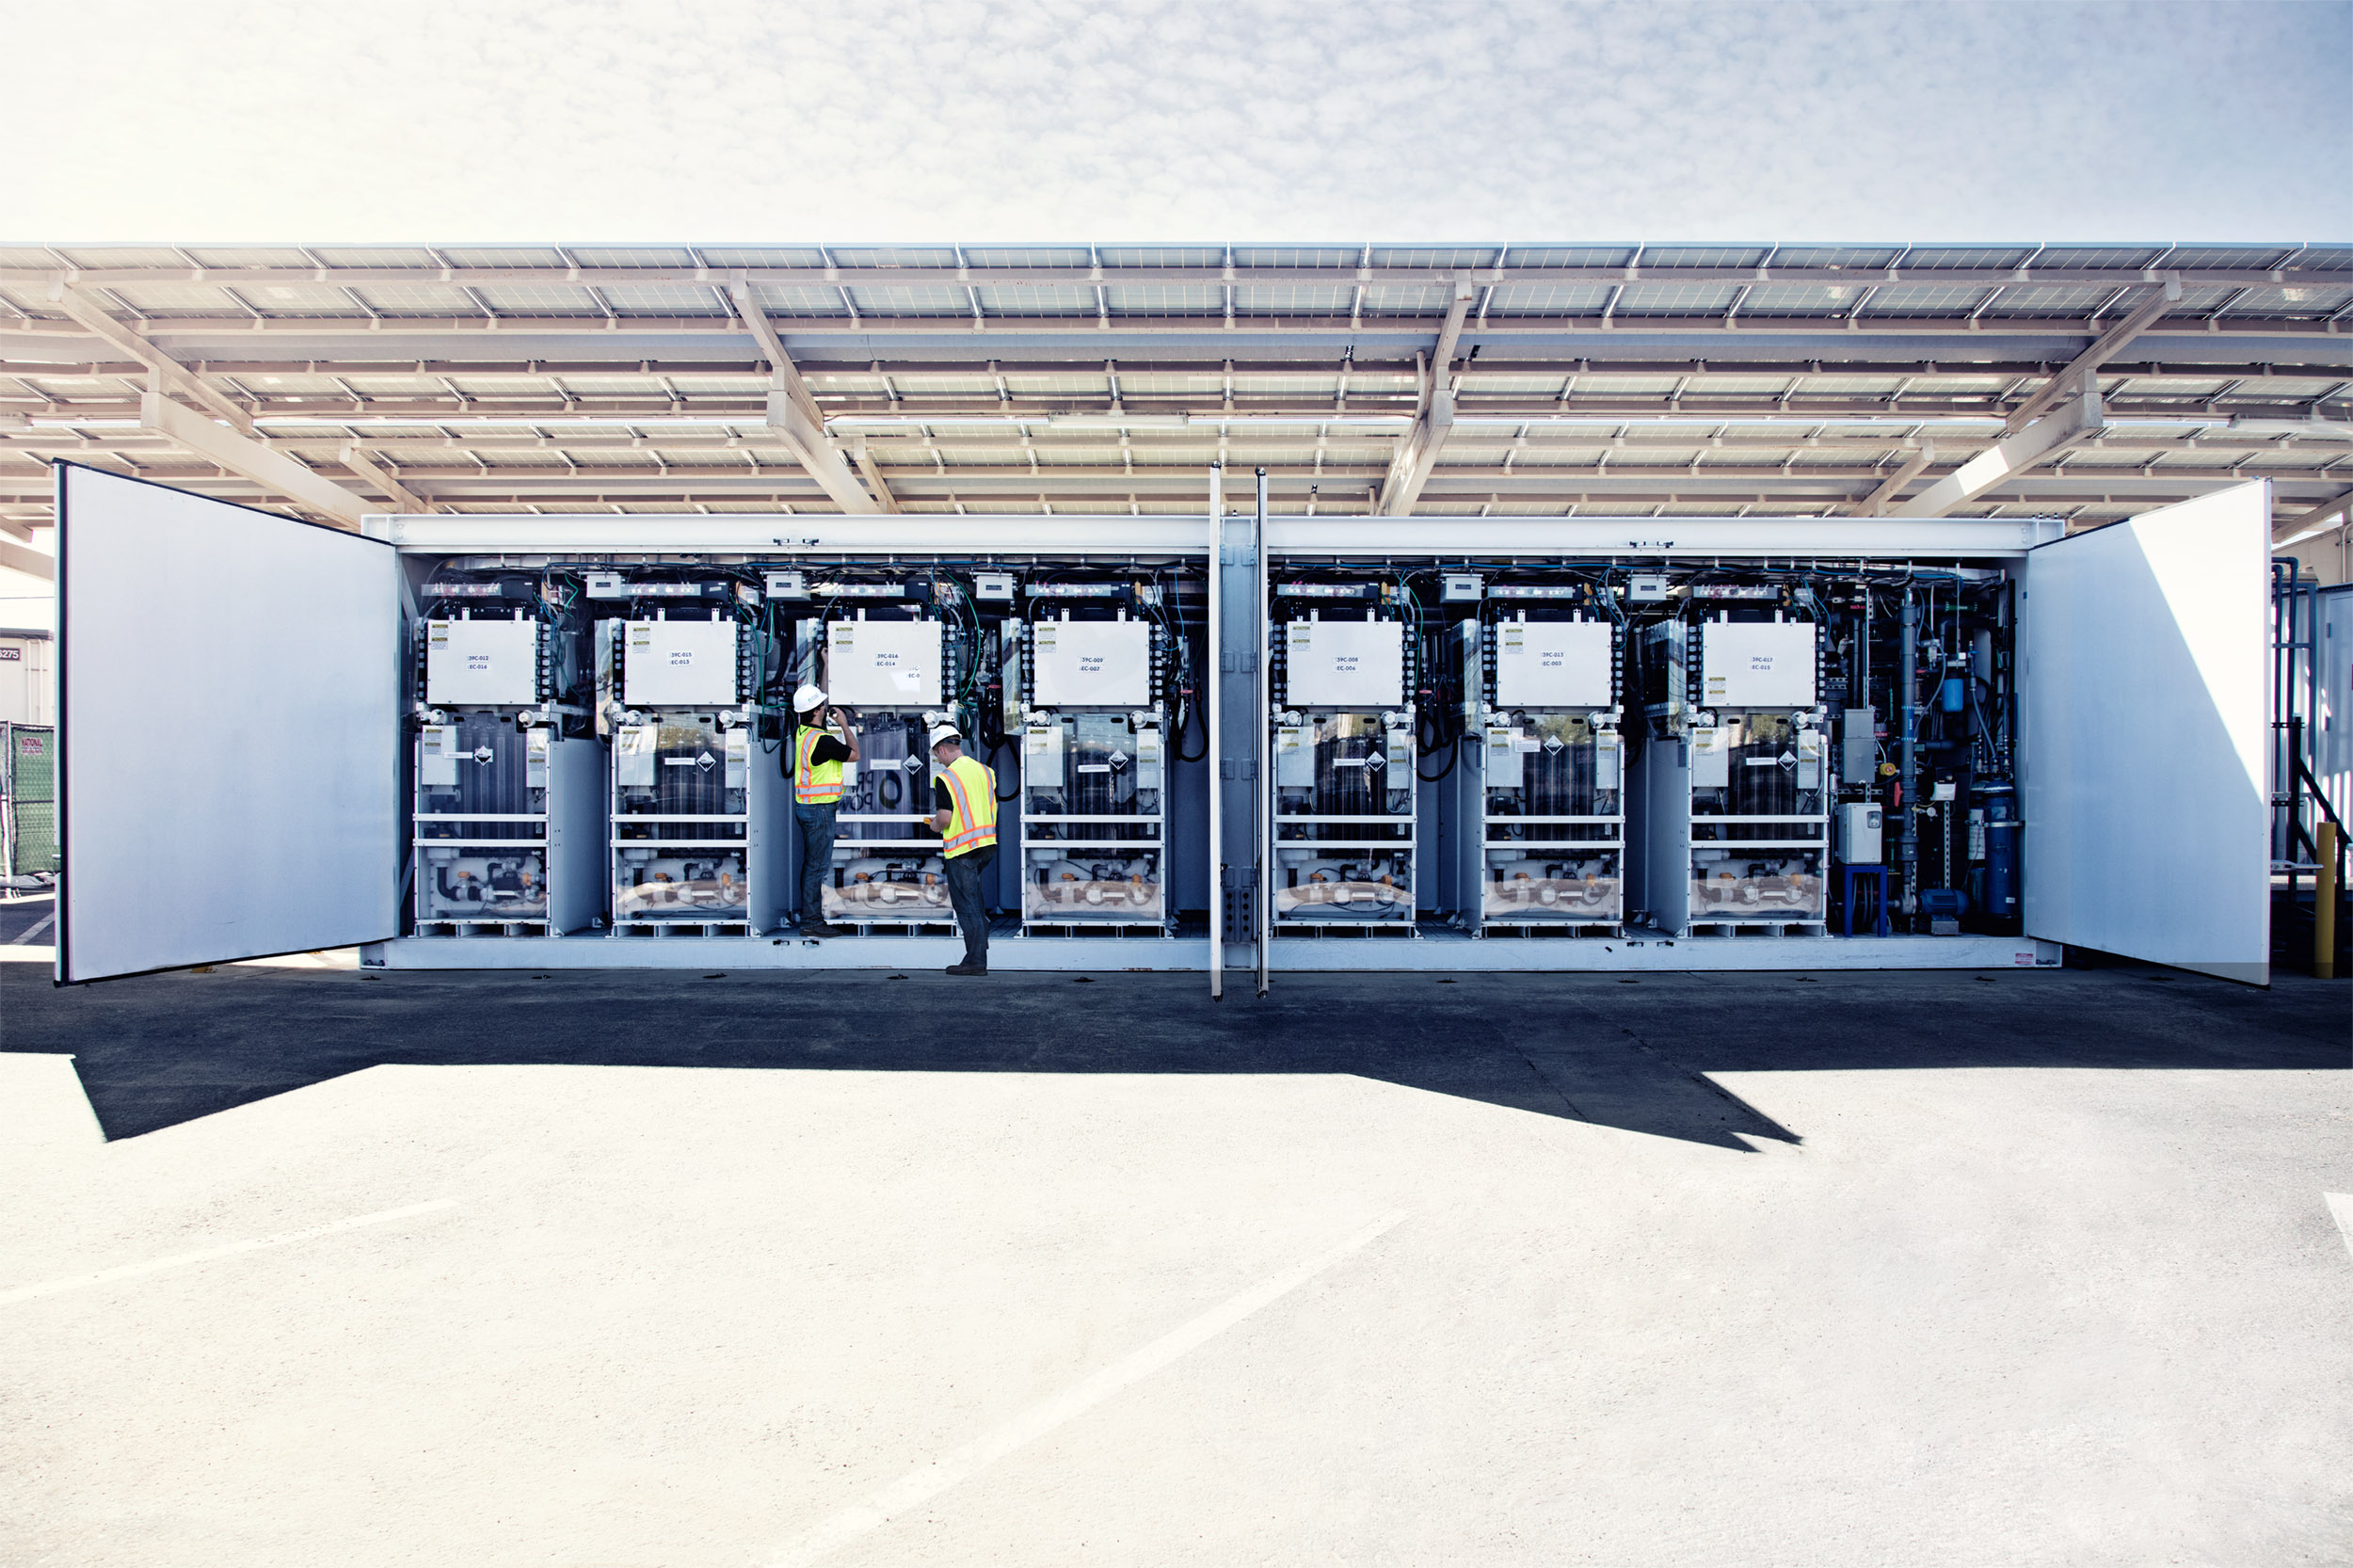 11_alternative_energy_corporate_batterystorage_solar_photographer.jpg